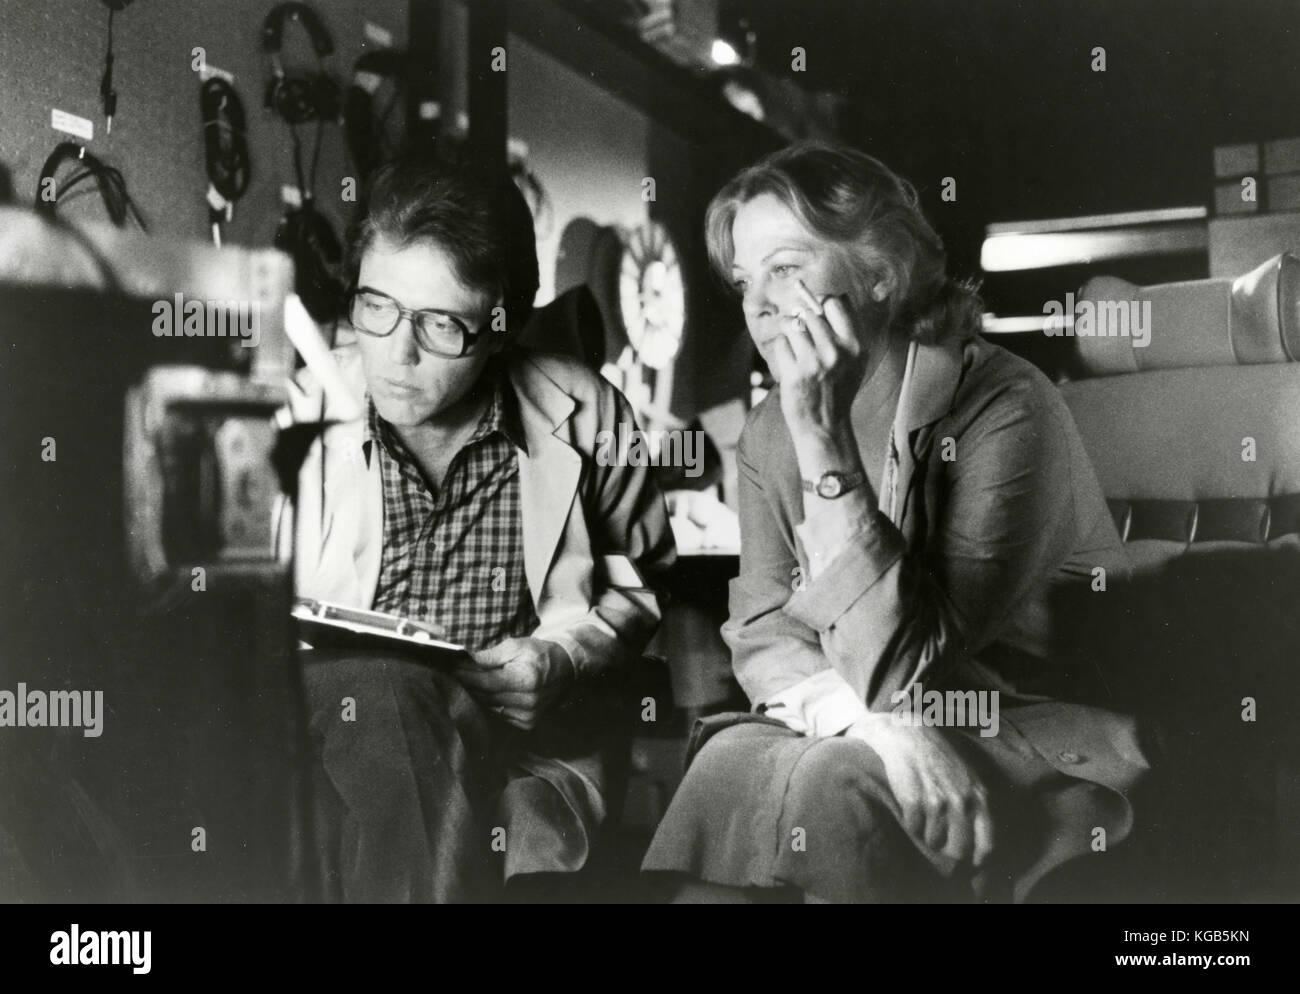 Los actores Christopher Walken y Louise Fletcher en la película Brainstorm, 1983 Imagen De Stock